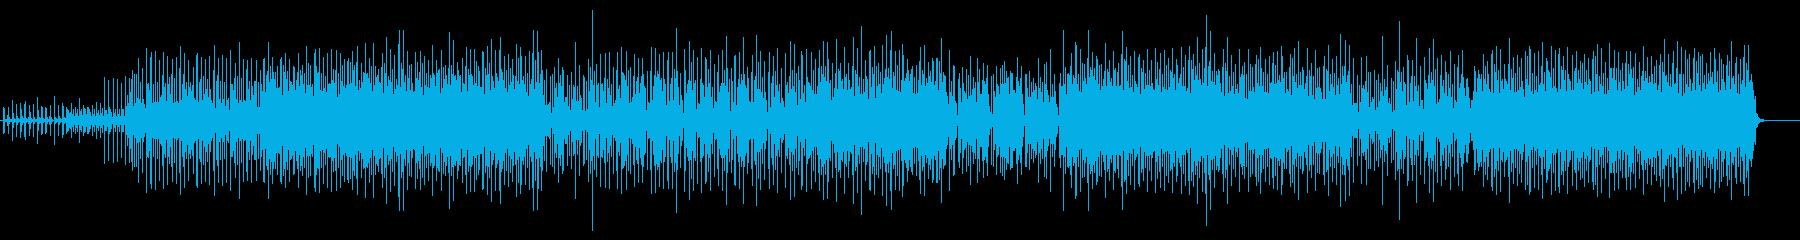 ダンス「ALIVE」の再生済みの波形